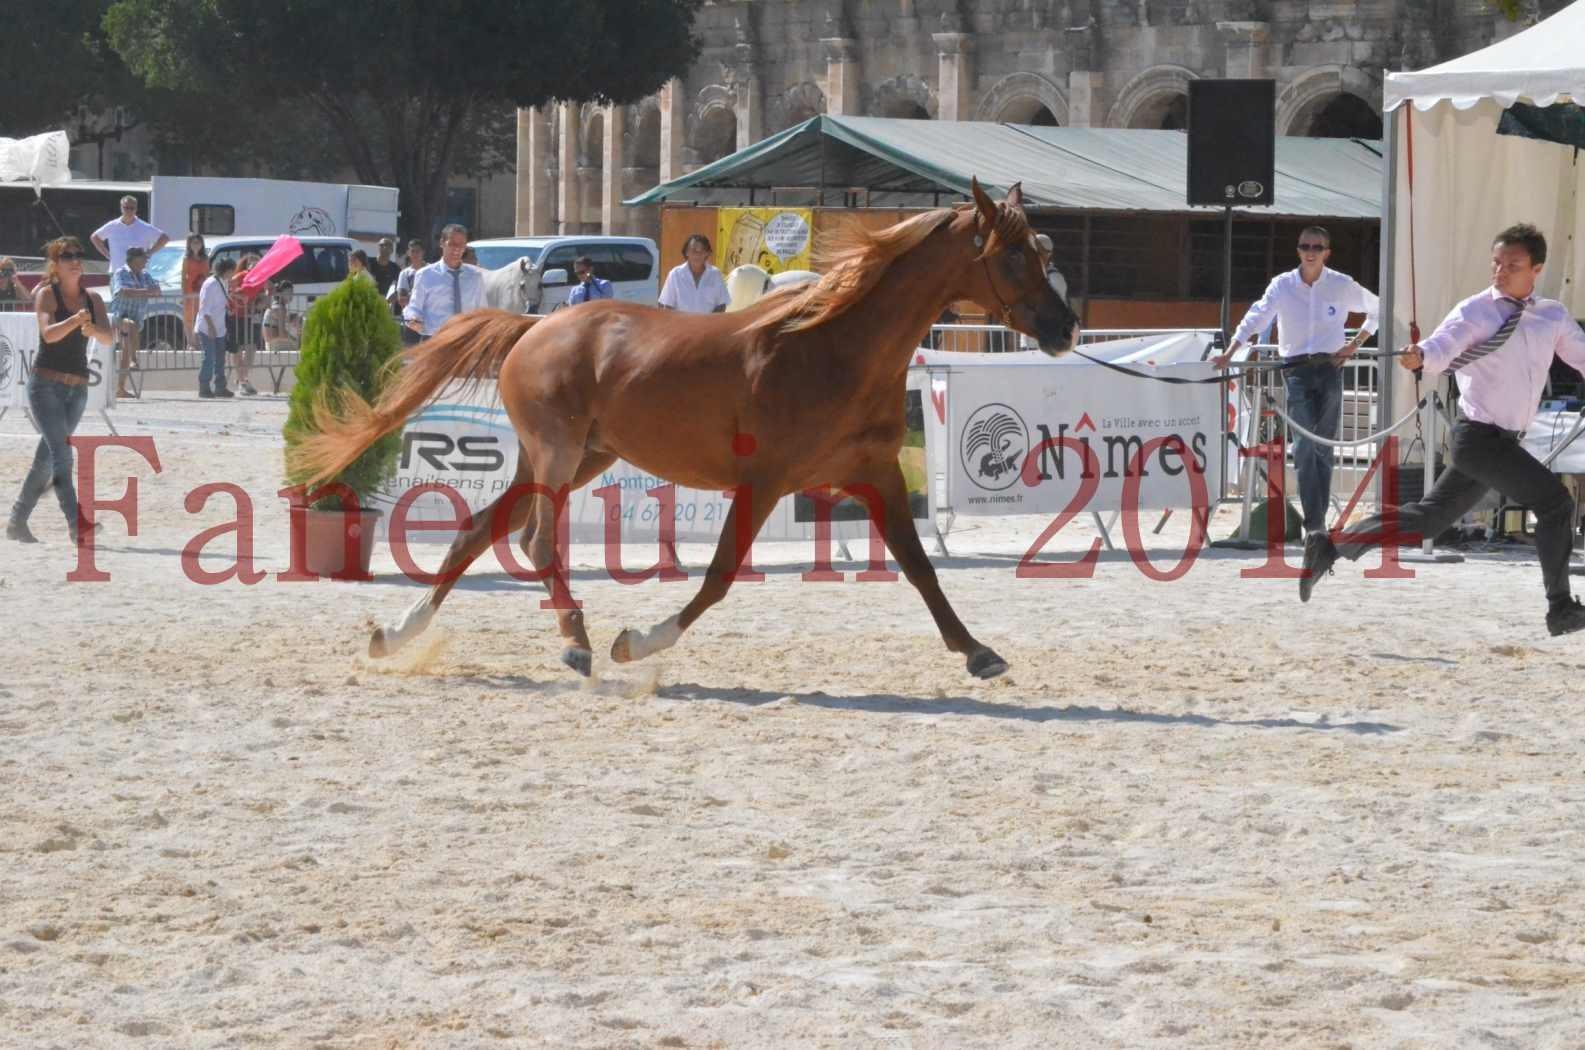 Concours National de Nîmes de chevaux ARABES 2014 - Championnat - MASSAI DE BARREL - 09